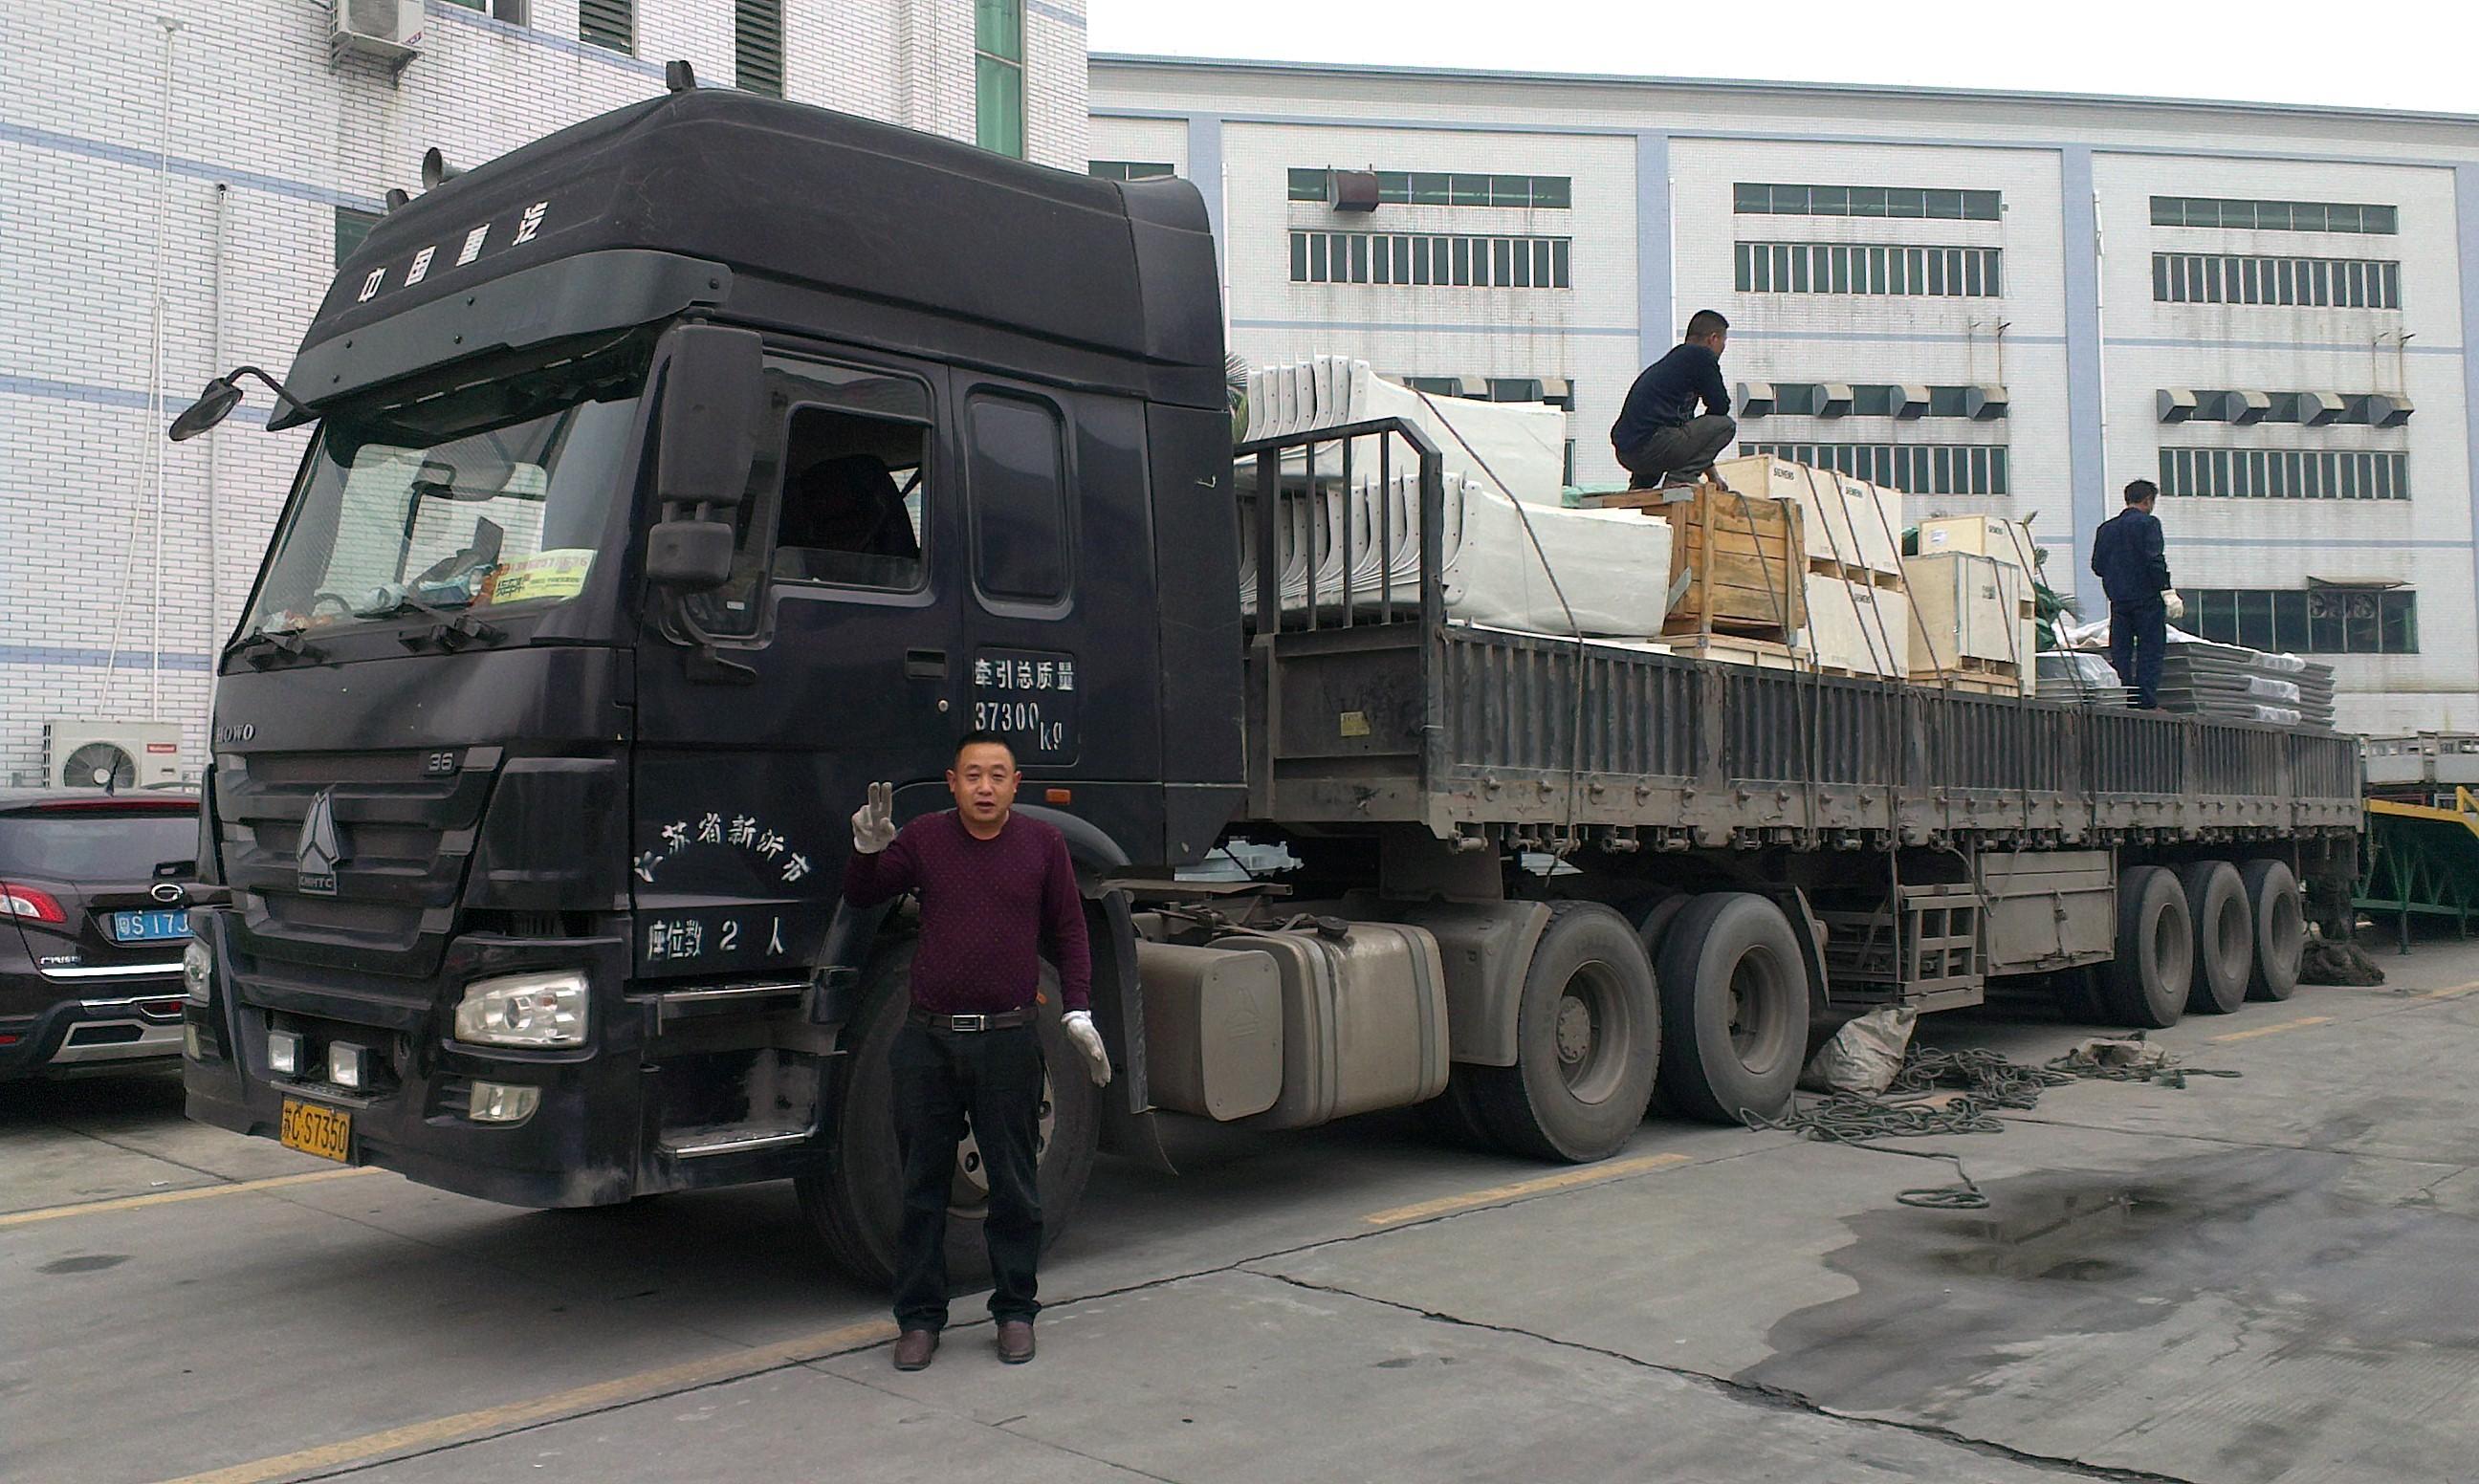 广州至广州至全国各地物流货运运输双向业务全国各地物流货运运输双向业